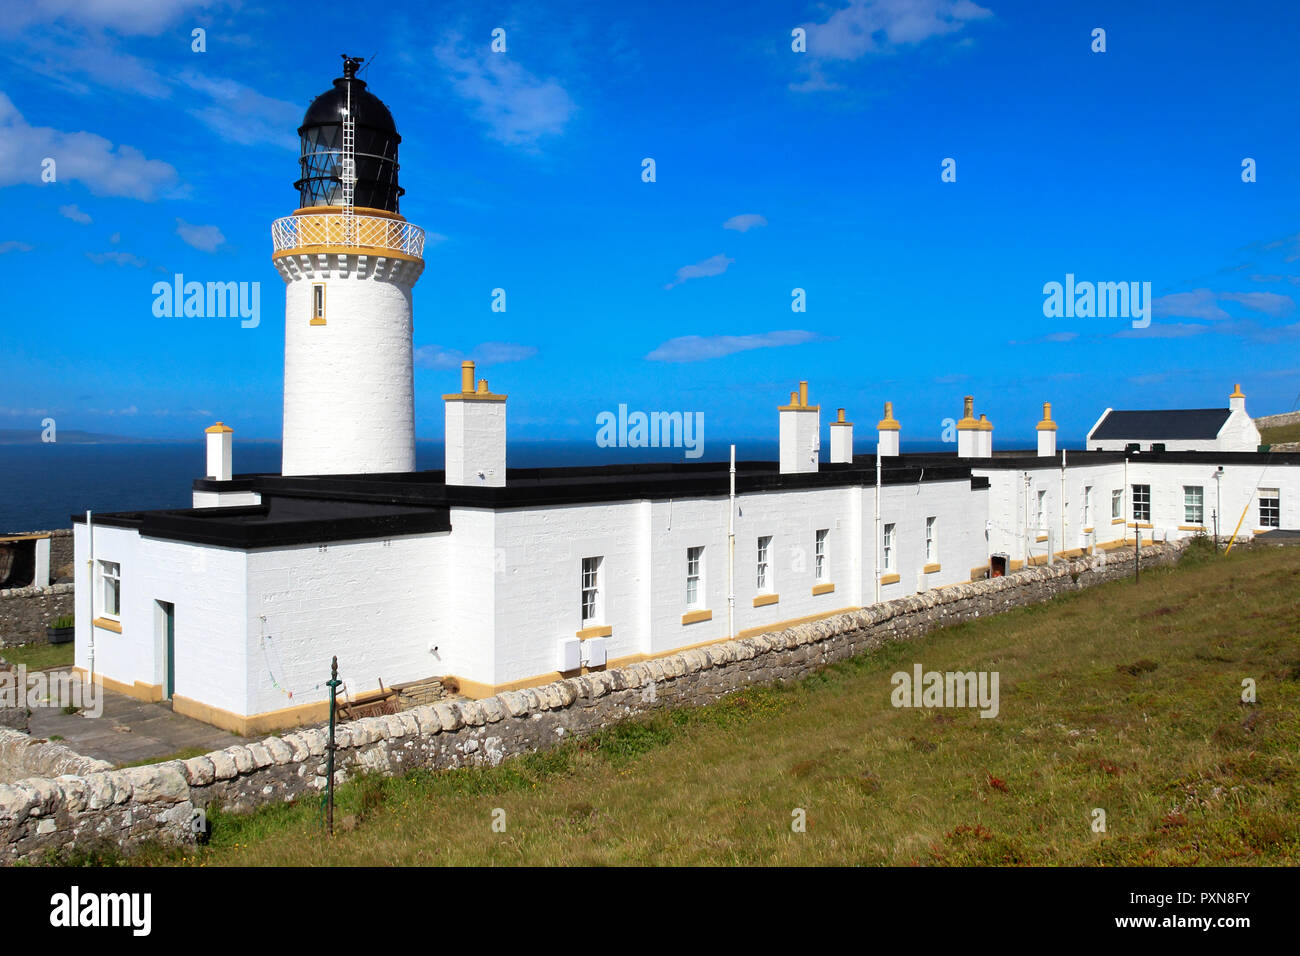 Dunnet Head Lighthouse, Scottish Highlands, Scotland, UK - Stock Image